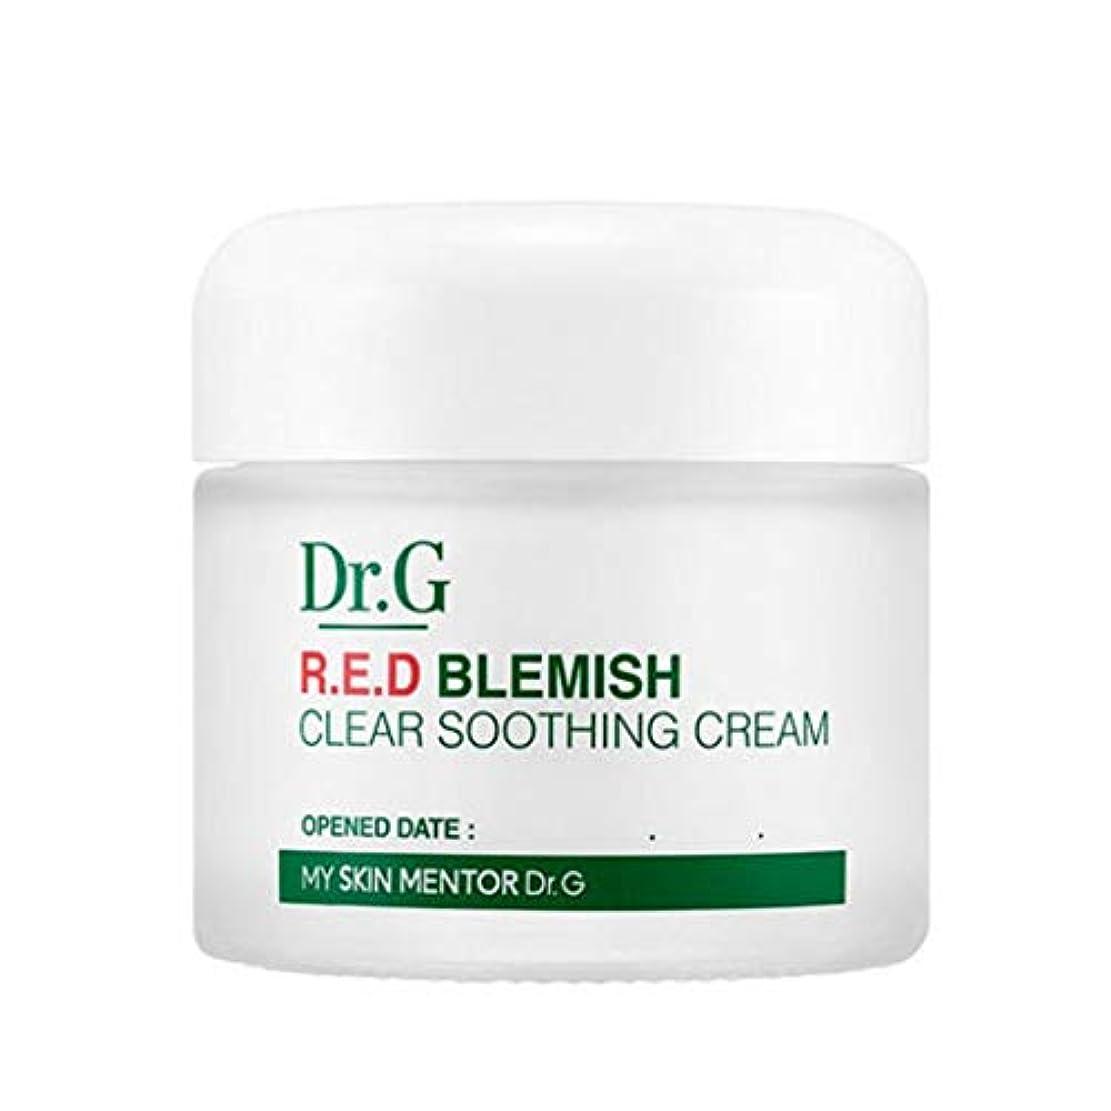 無限大ミス冷酷なドクターGレッドブレミッシュクリアスージングクリーム70ml水分クリーム、Dr.G Red Blemish Clear Soothing Cream 70ml Moisturizing Cream [並行輸入品]